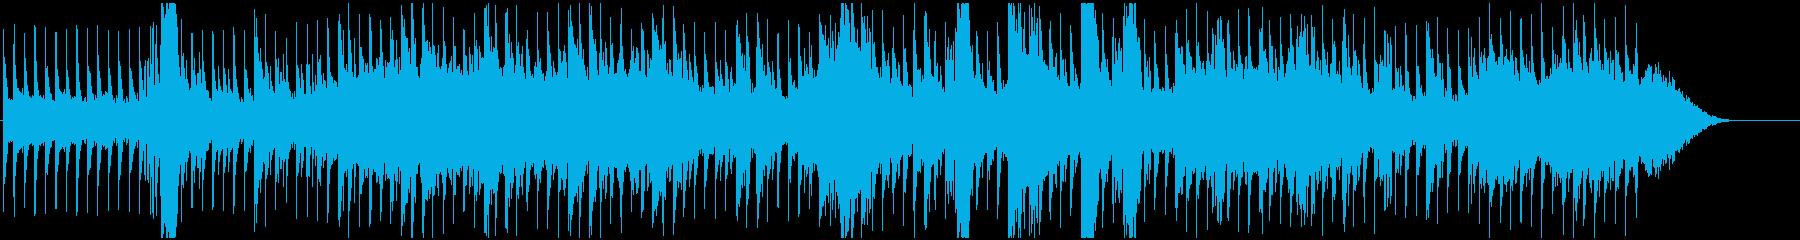 戦場ドキュメント風のBGMの再生済みの波形